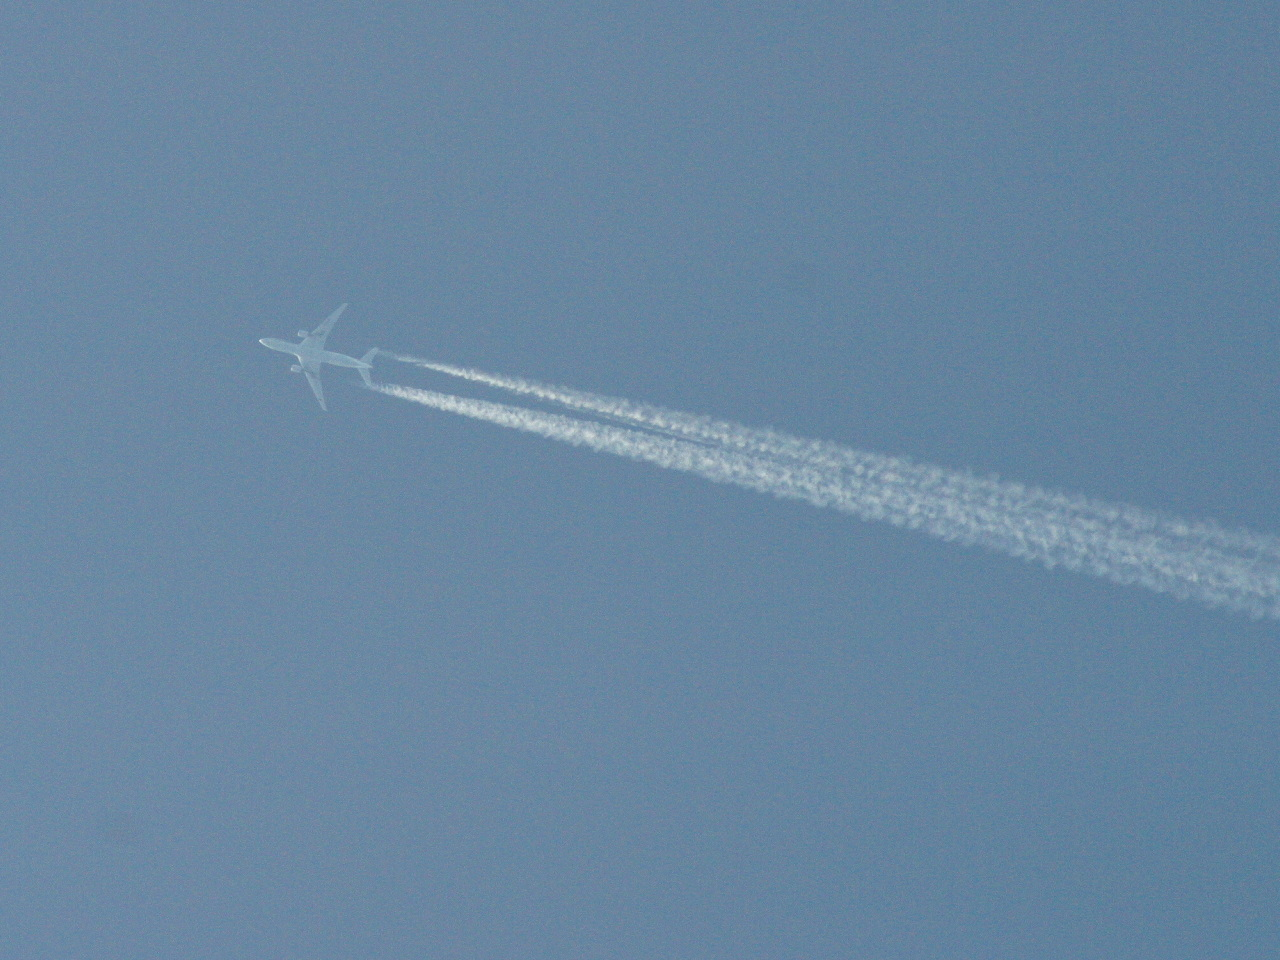 飛行機の画像 p1_18